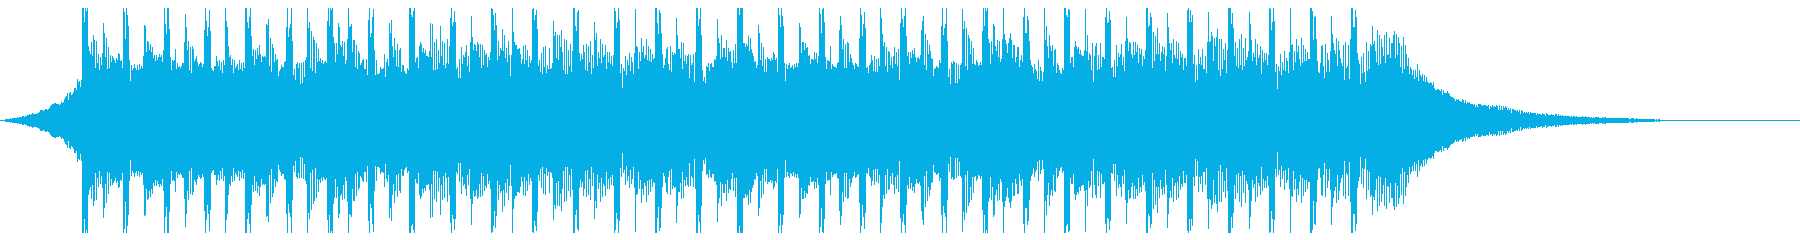 広告音楽(ショート2)の再生済みの波形